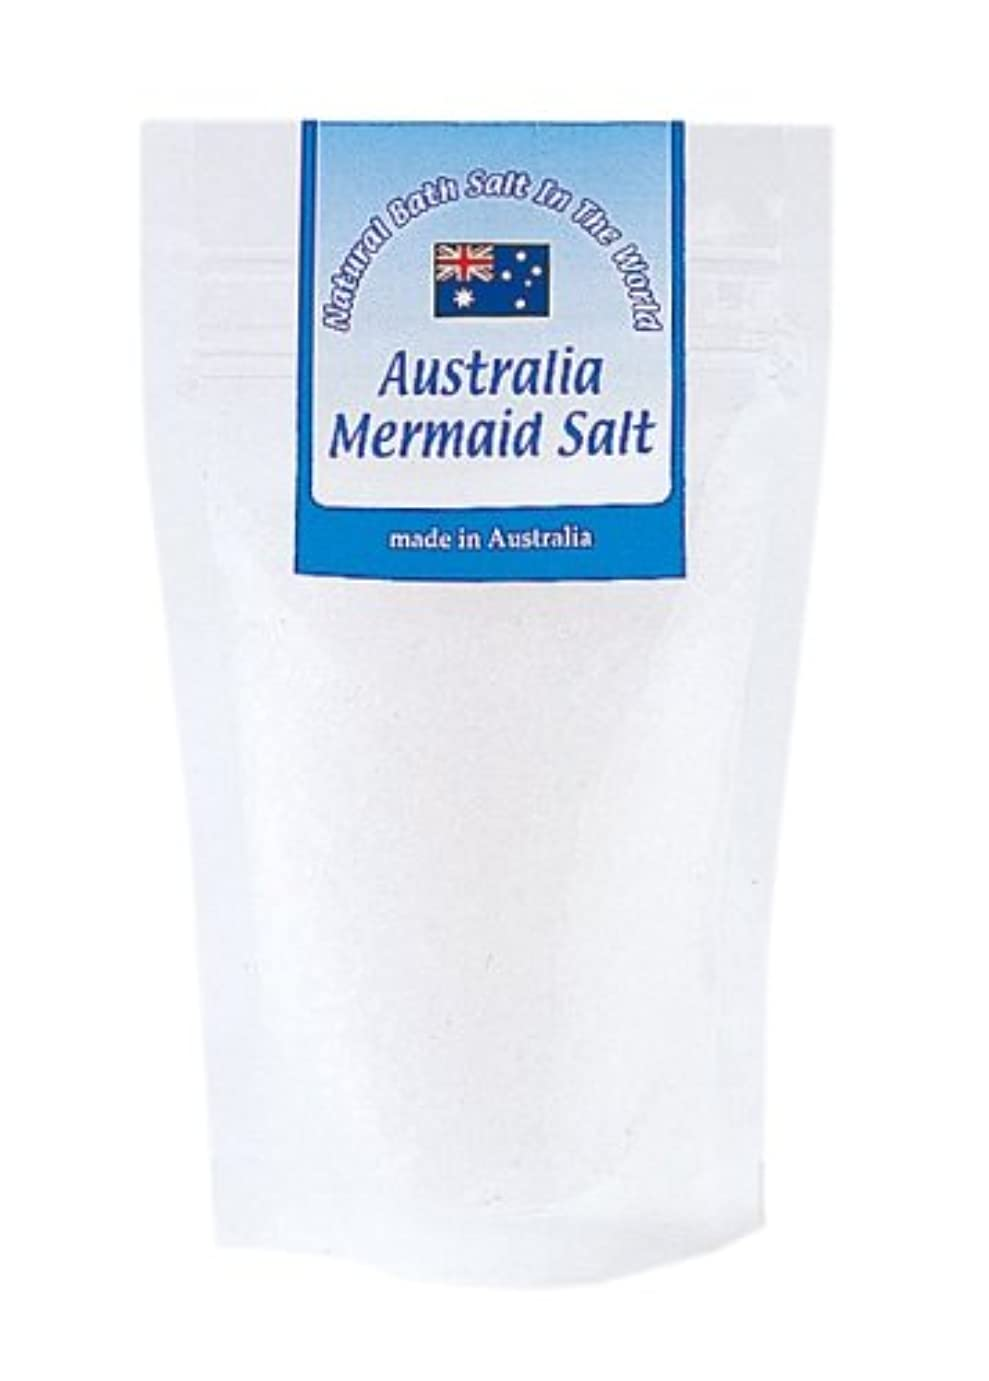 禁止する一流兵器庫ジーピークリエイツ 世界のバスソルト オーストラリア マーメイドソルトS